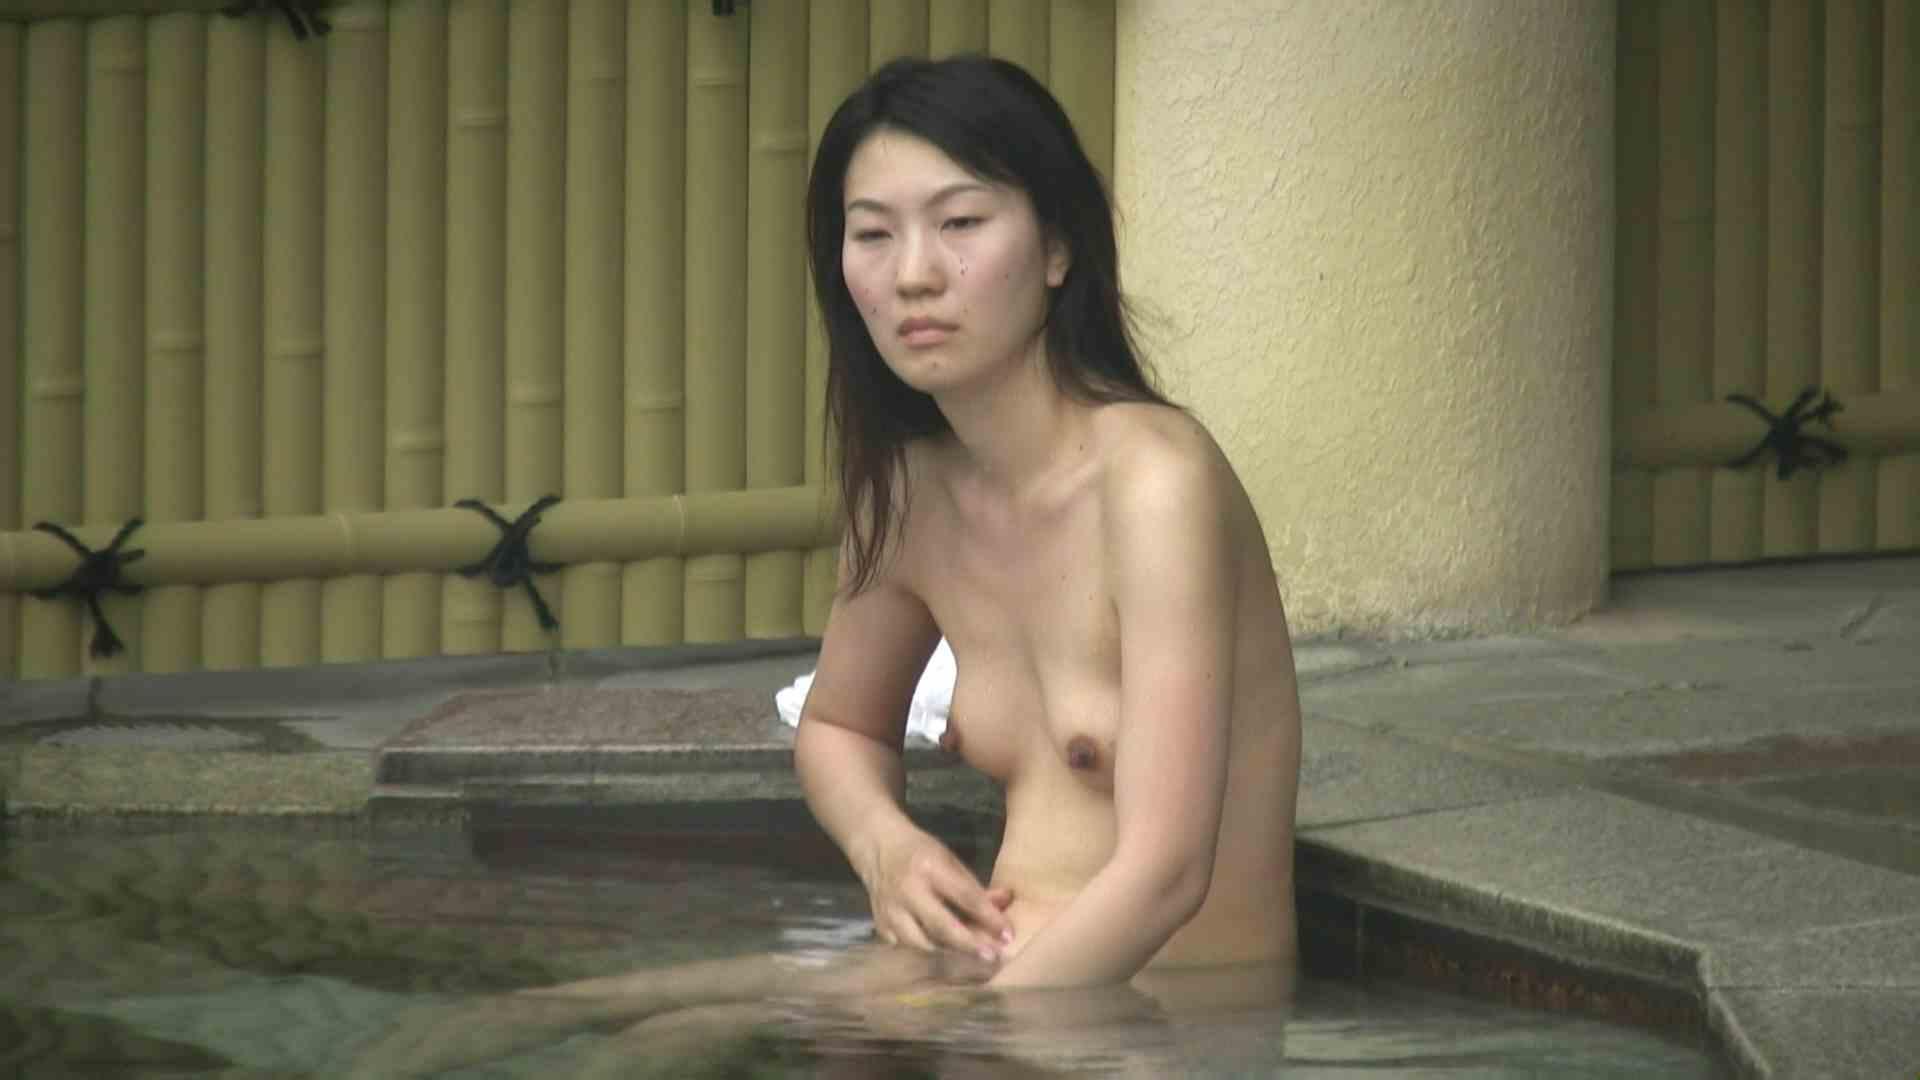 高画質露天女風呂観察 vol.034 望遠 | 入浴  66画像 64